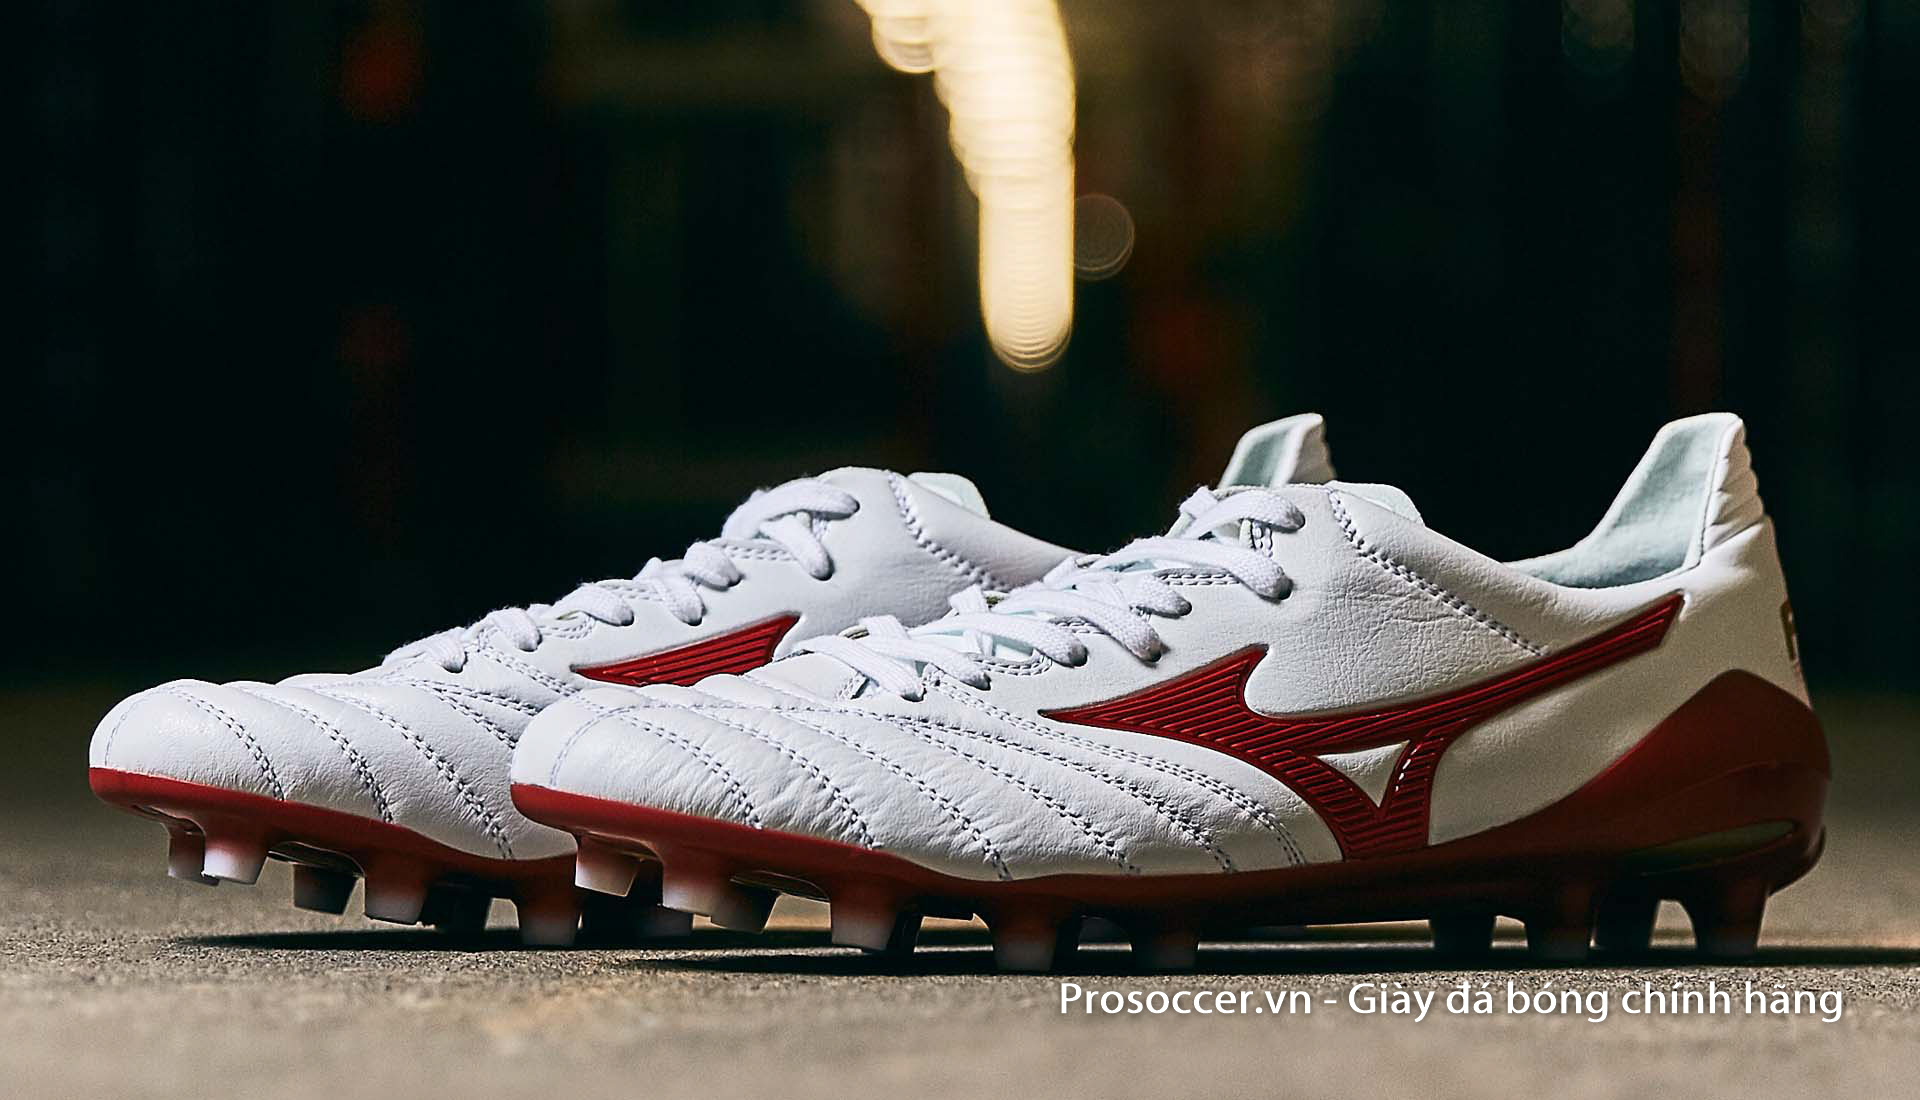 Mizuno đang trở thành một thương hiệu giày đá bóng rất được lòng người hâm mộ Việt Nam